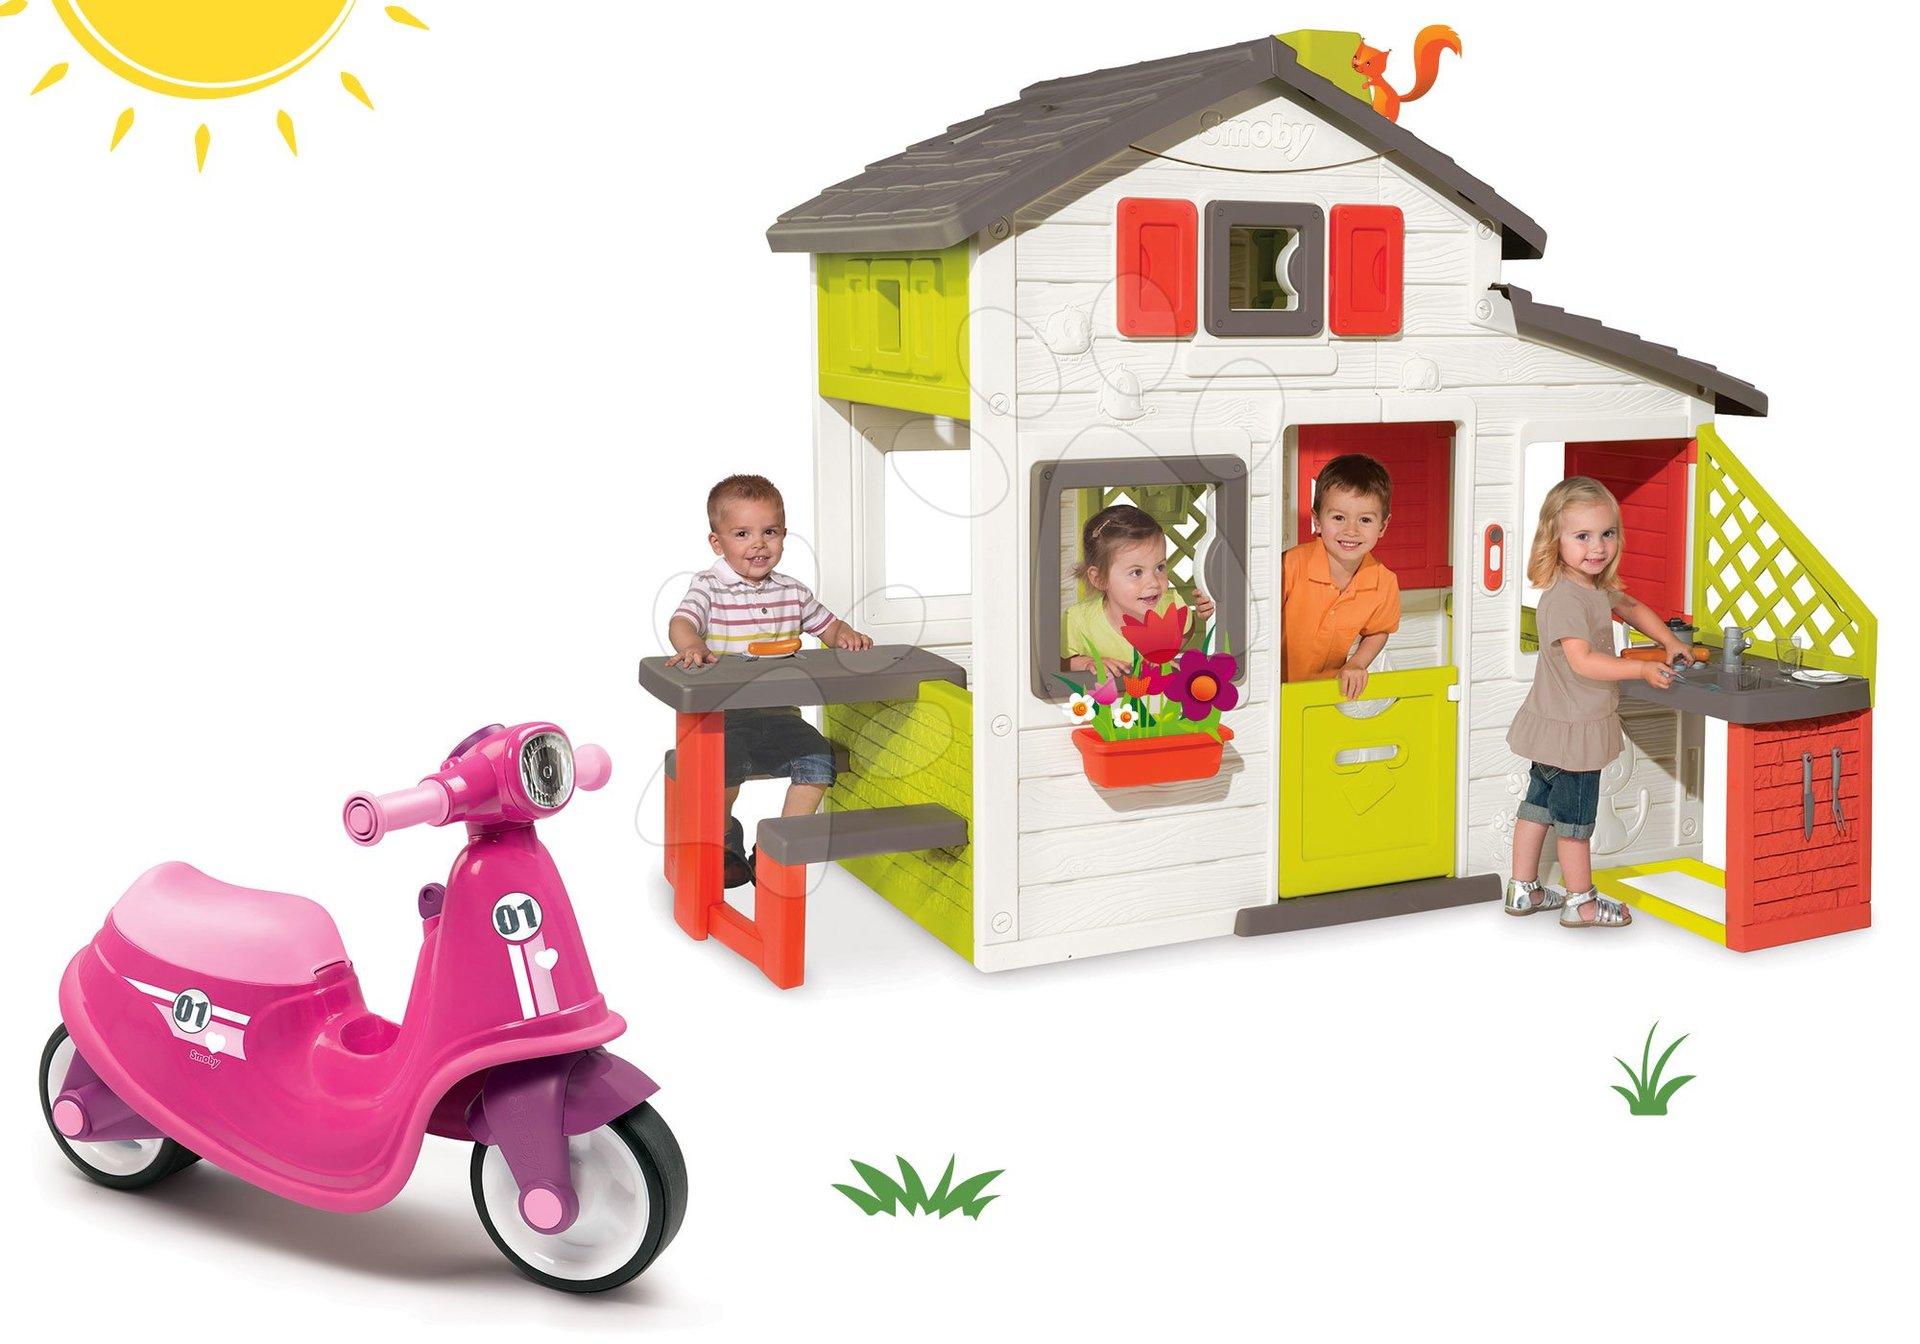 Komplet hišica Prijateljev Smoby s kuhinjo in poganjalec z žarometom Scooter in gumiranimi kolesi